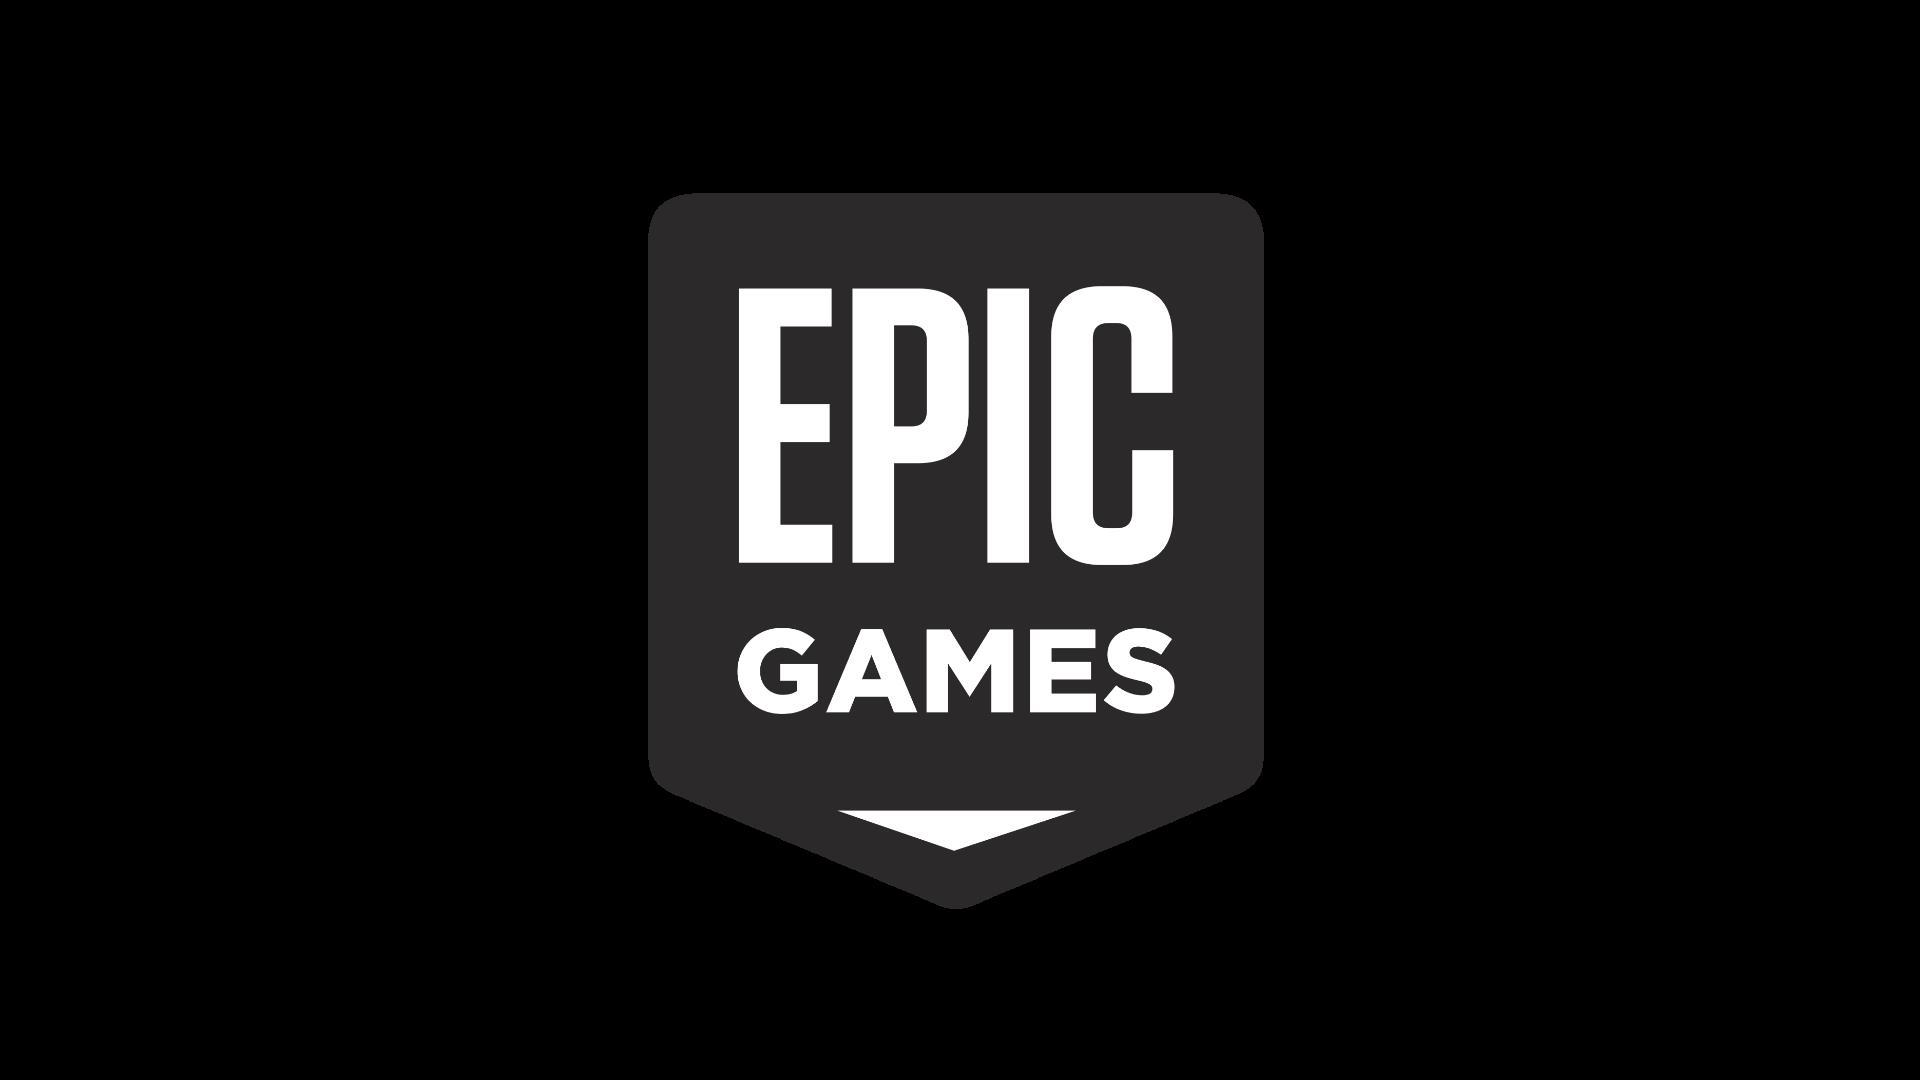 Epic Games publicará nuevos juegos de Remedy, Playdead y GenDesign 70